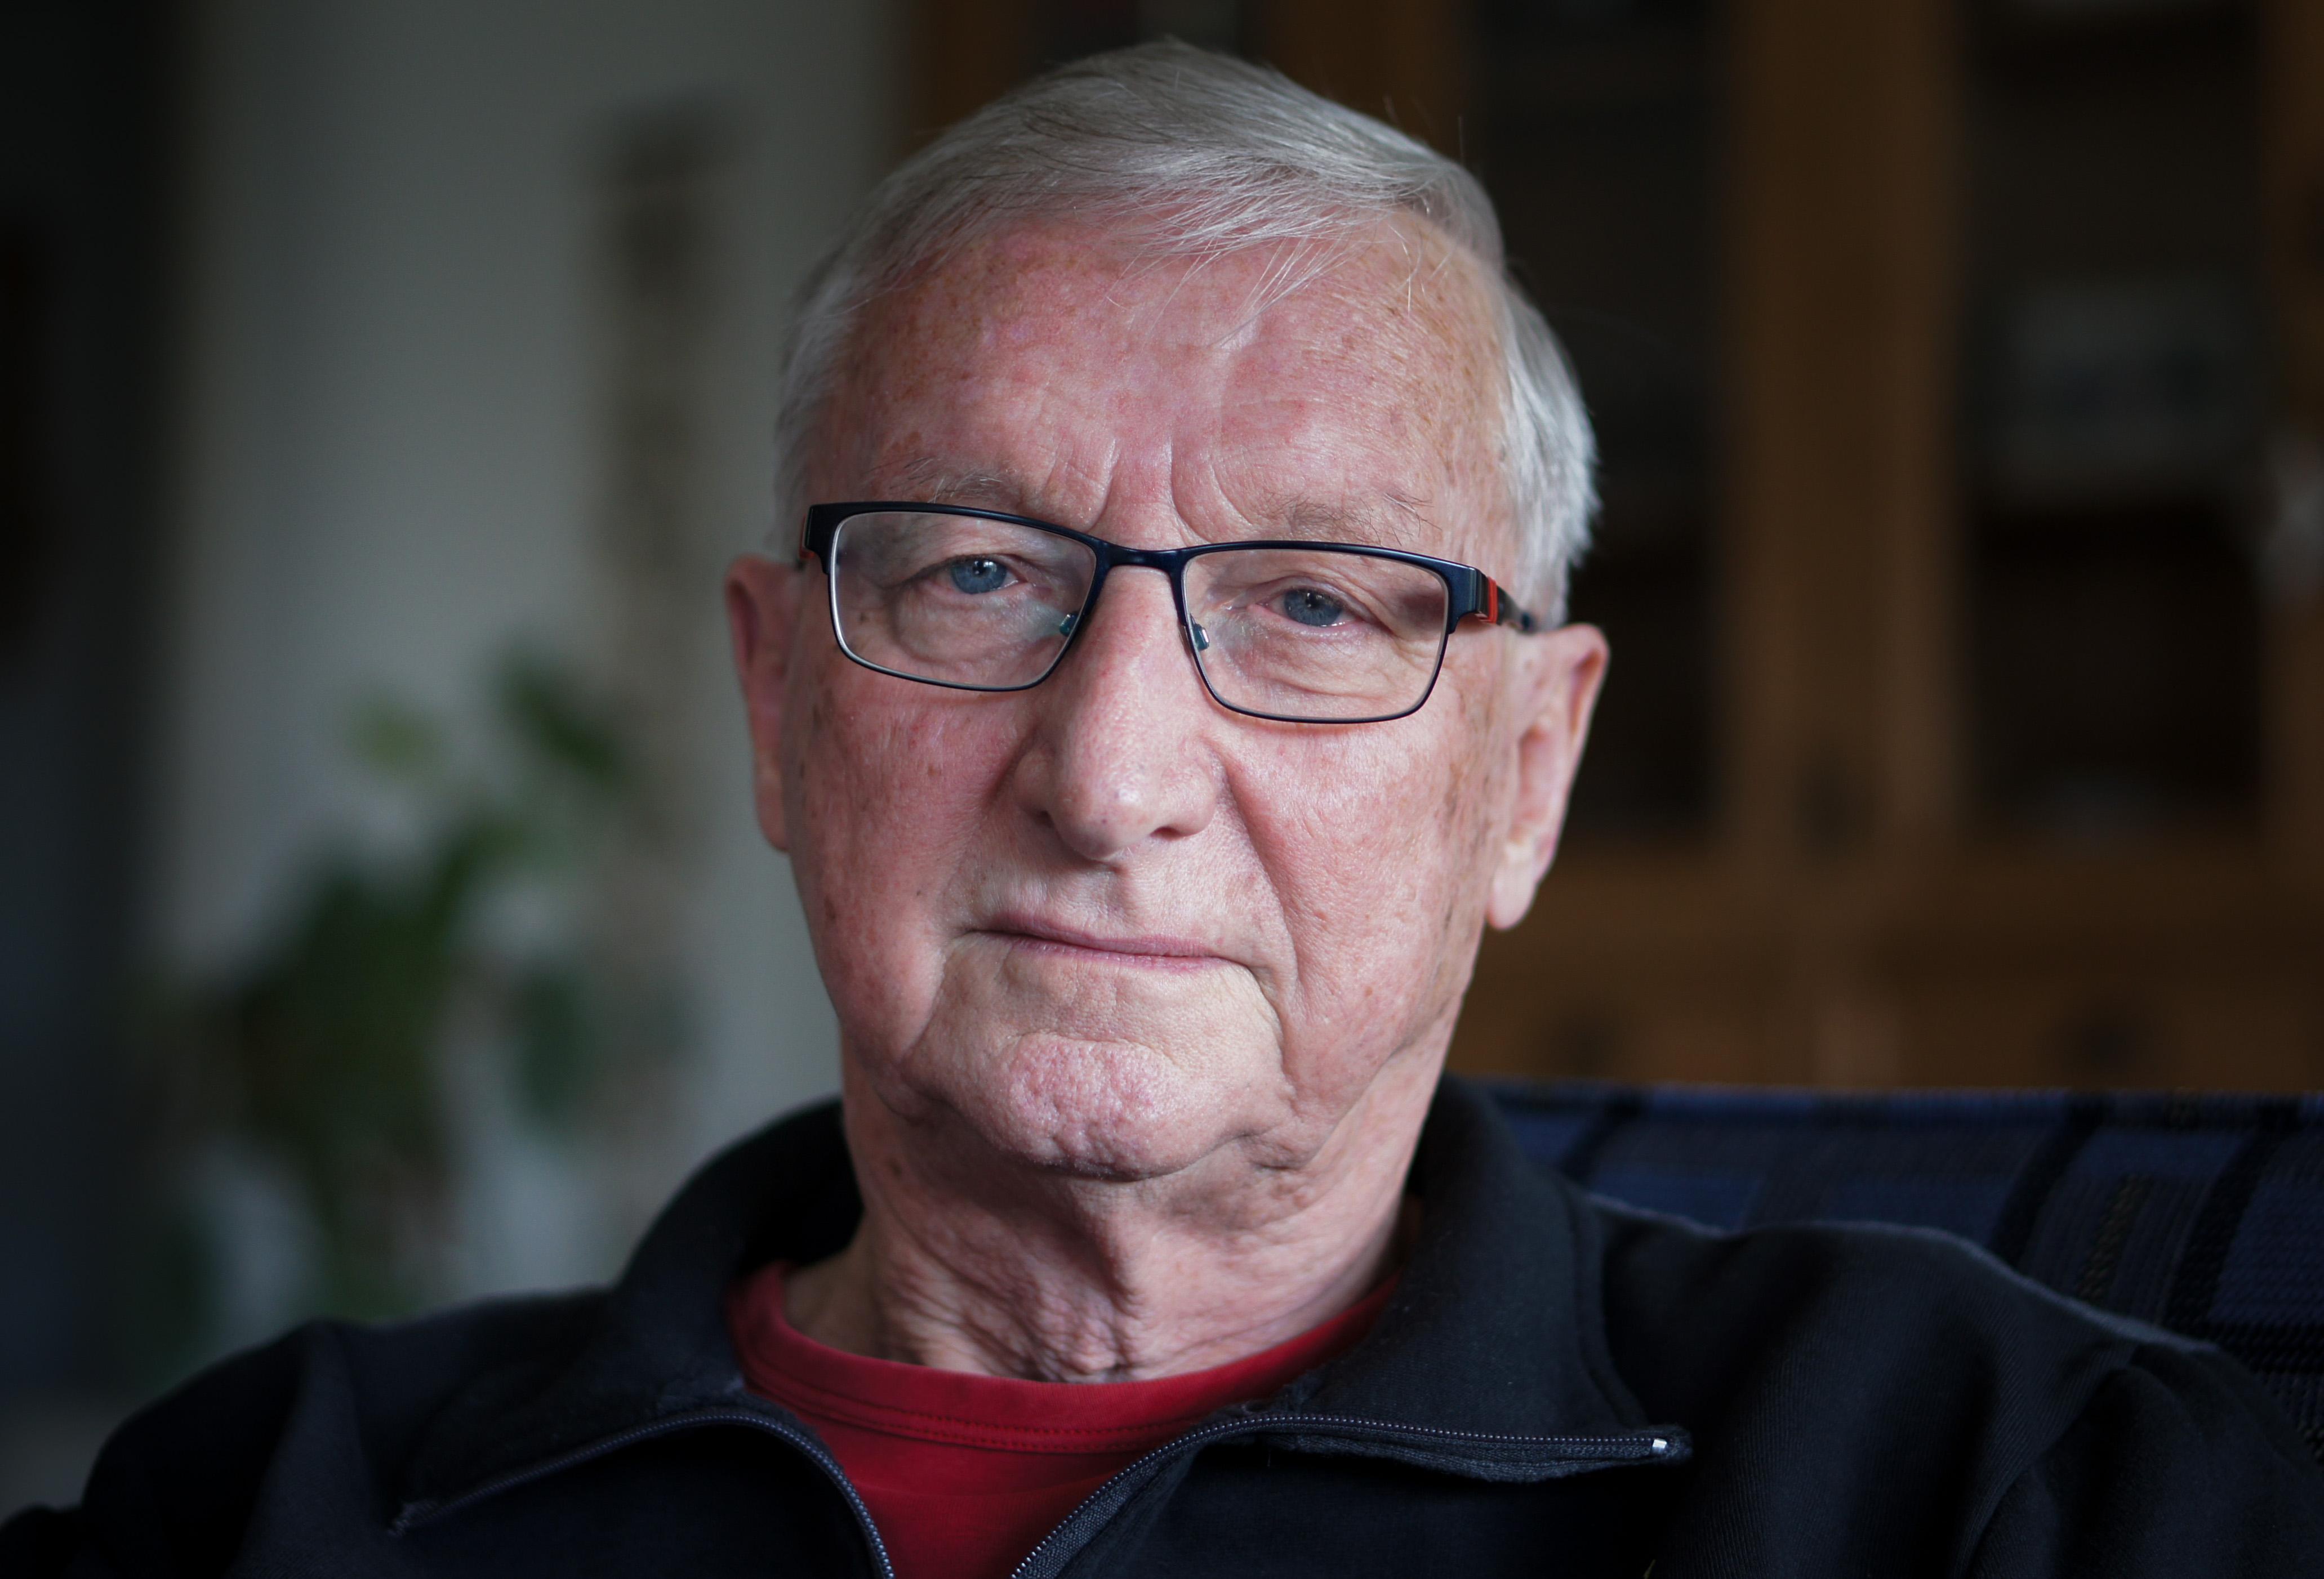 Rob Stolker ging in de oorlog als broodmager ventje mee op hongertocht: 'Een man pikte een zakje tarwe van onze fiets. De wanhoop was onbeschrijflijk' [video]